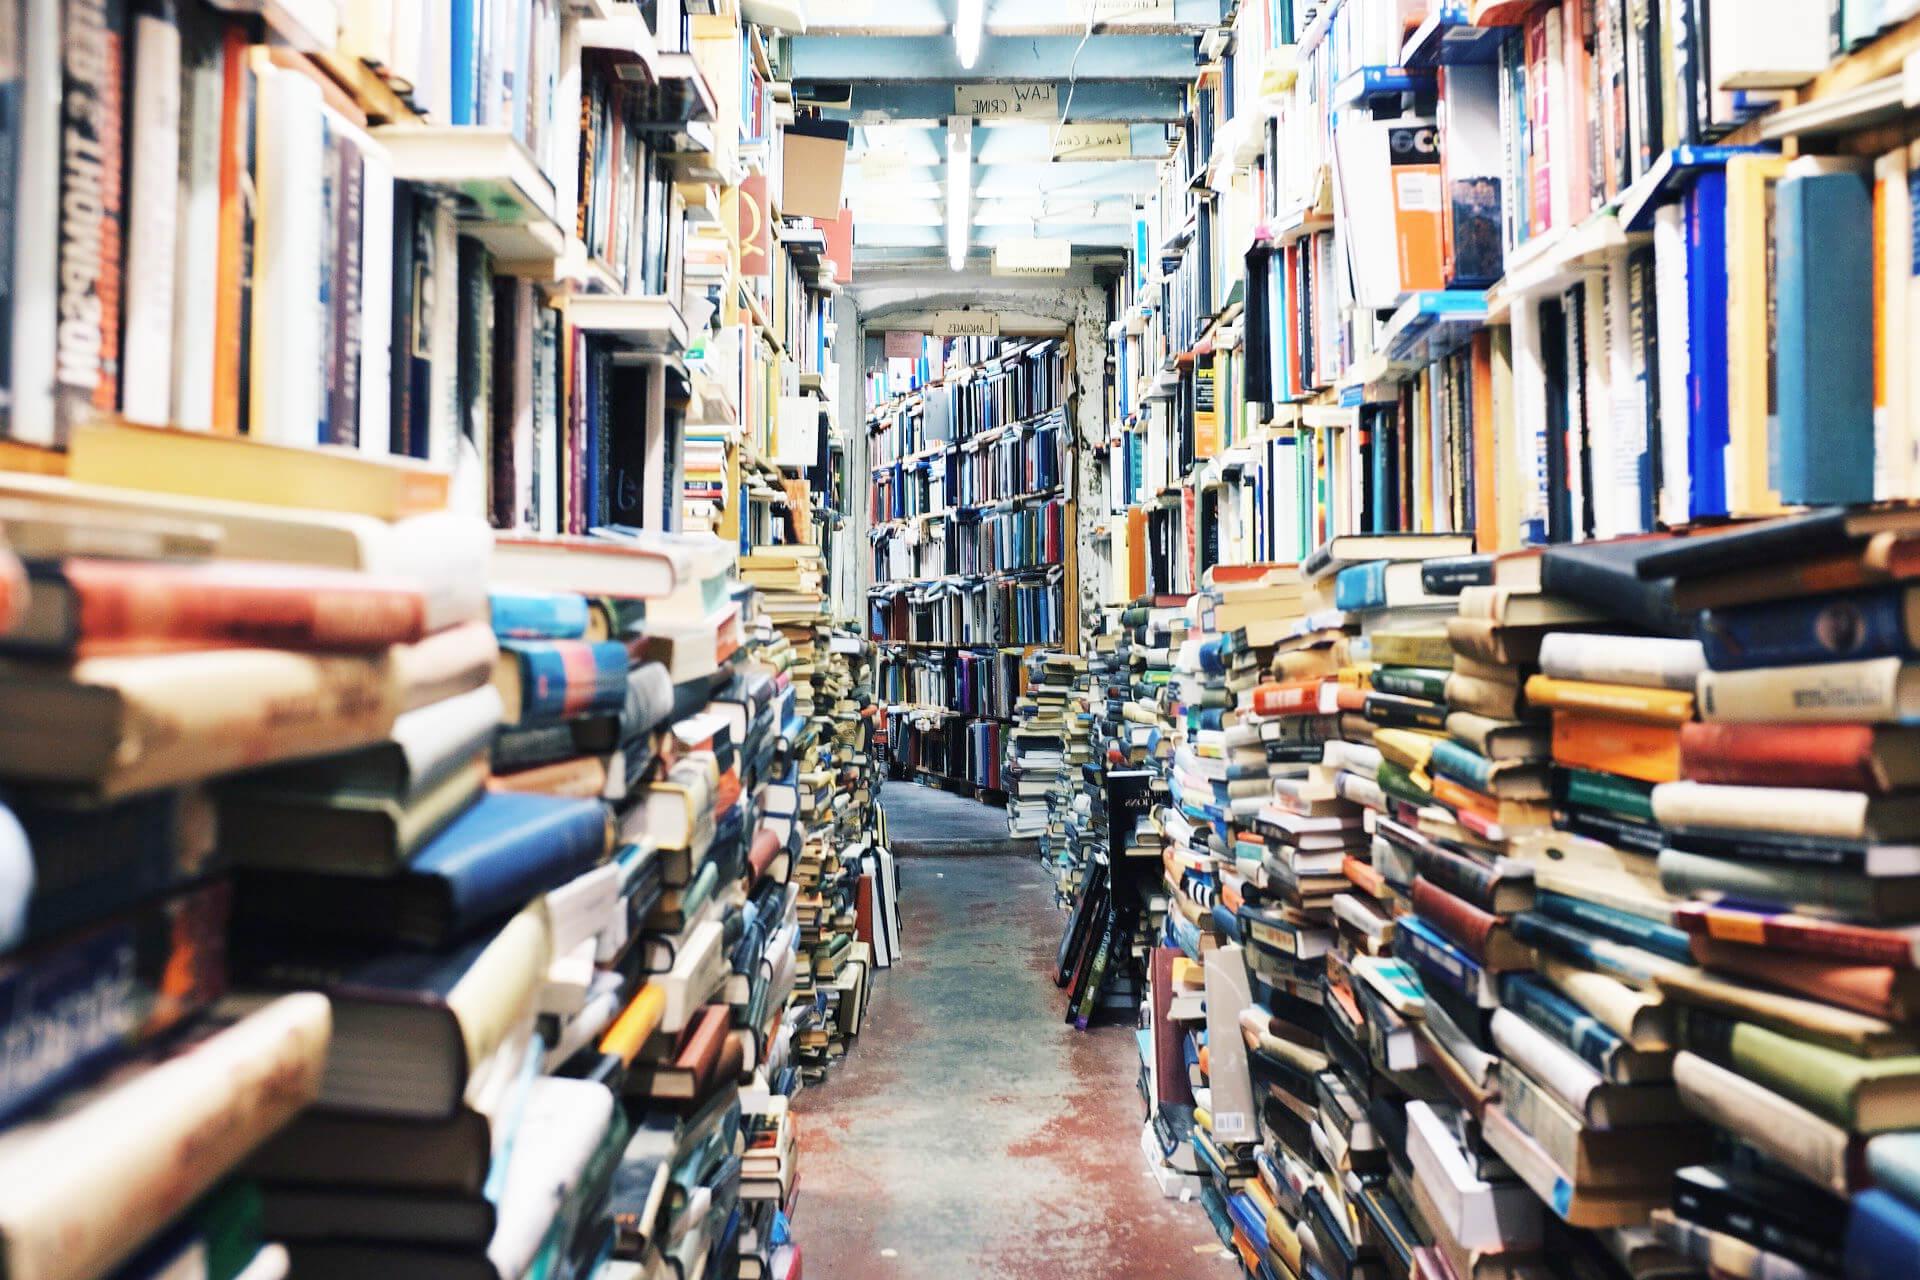 Bibliothek mit Bestseller Büchern